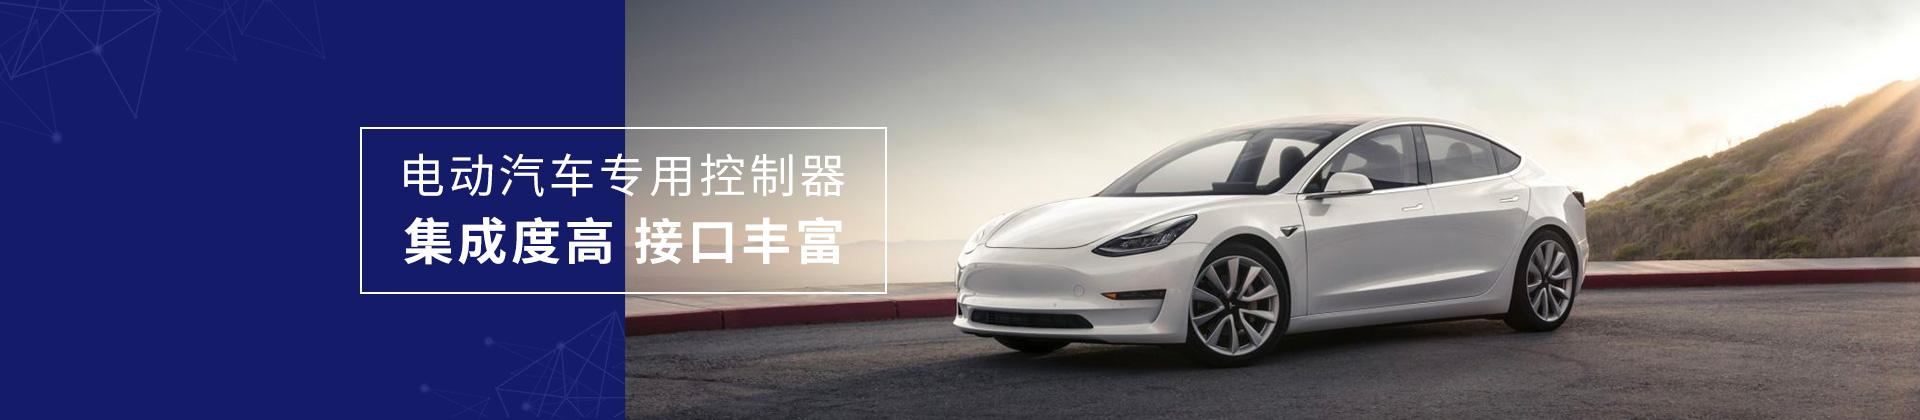 电动汽车控制器 集成度高接口丰富